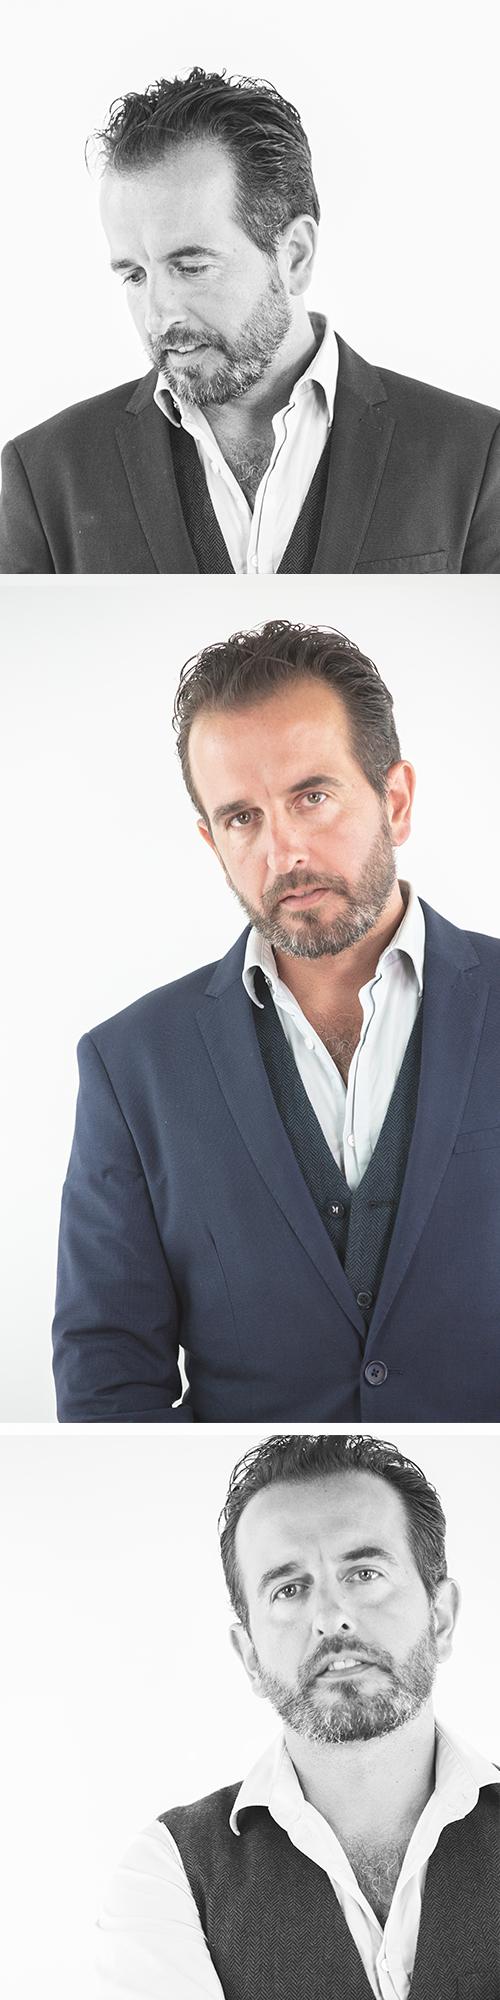 Cyril Carreres, Directeur General et Artistique des Studios H2G, Agence de communication 360